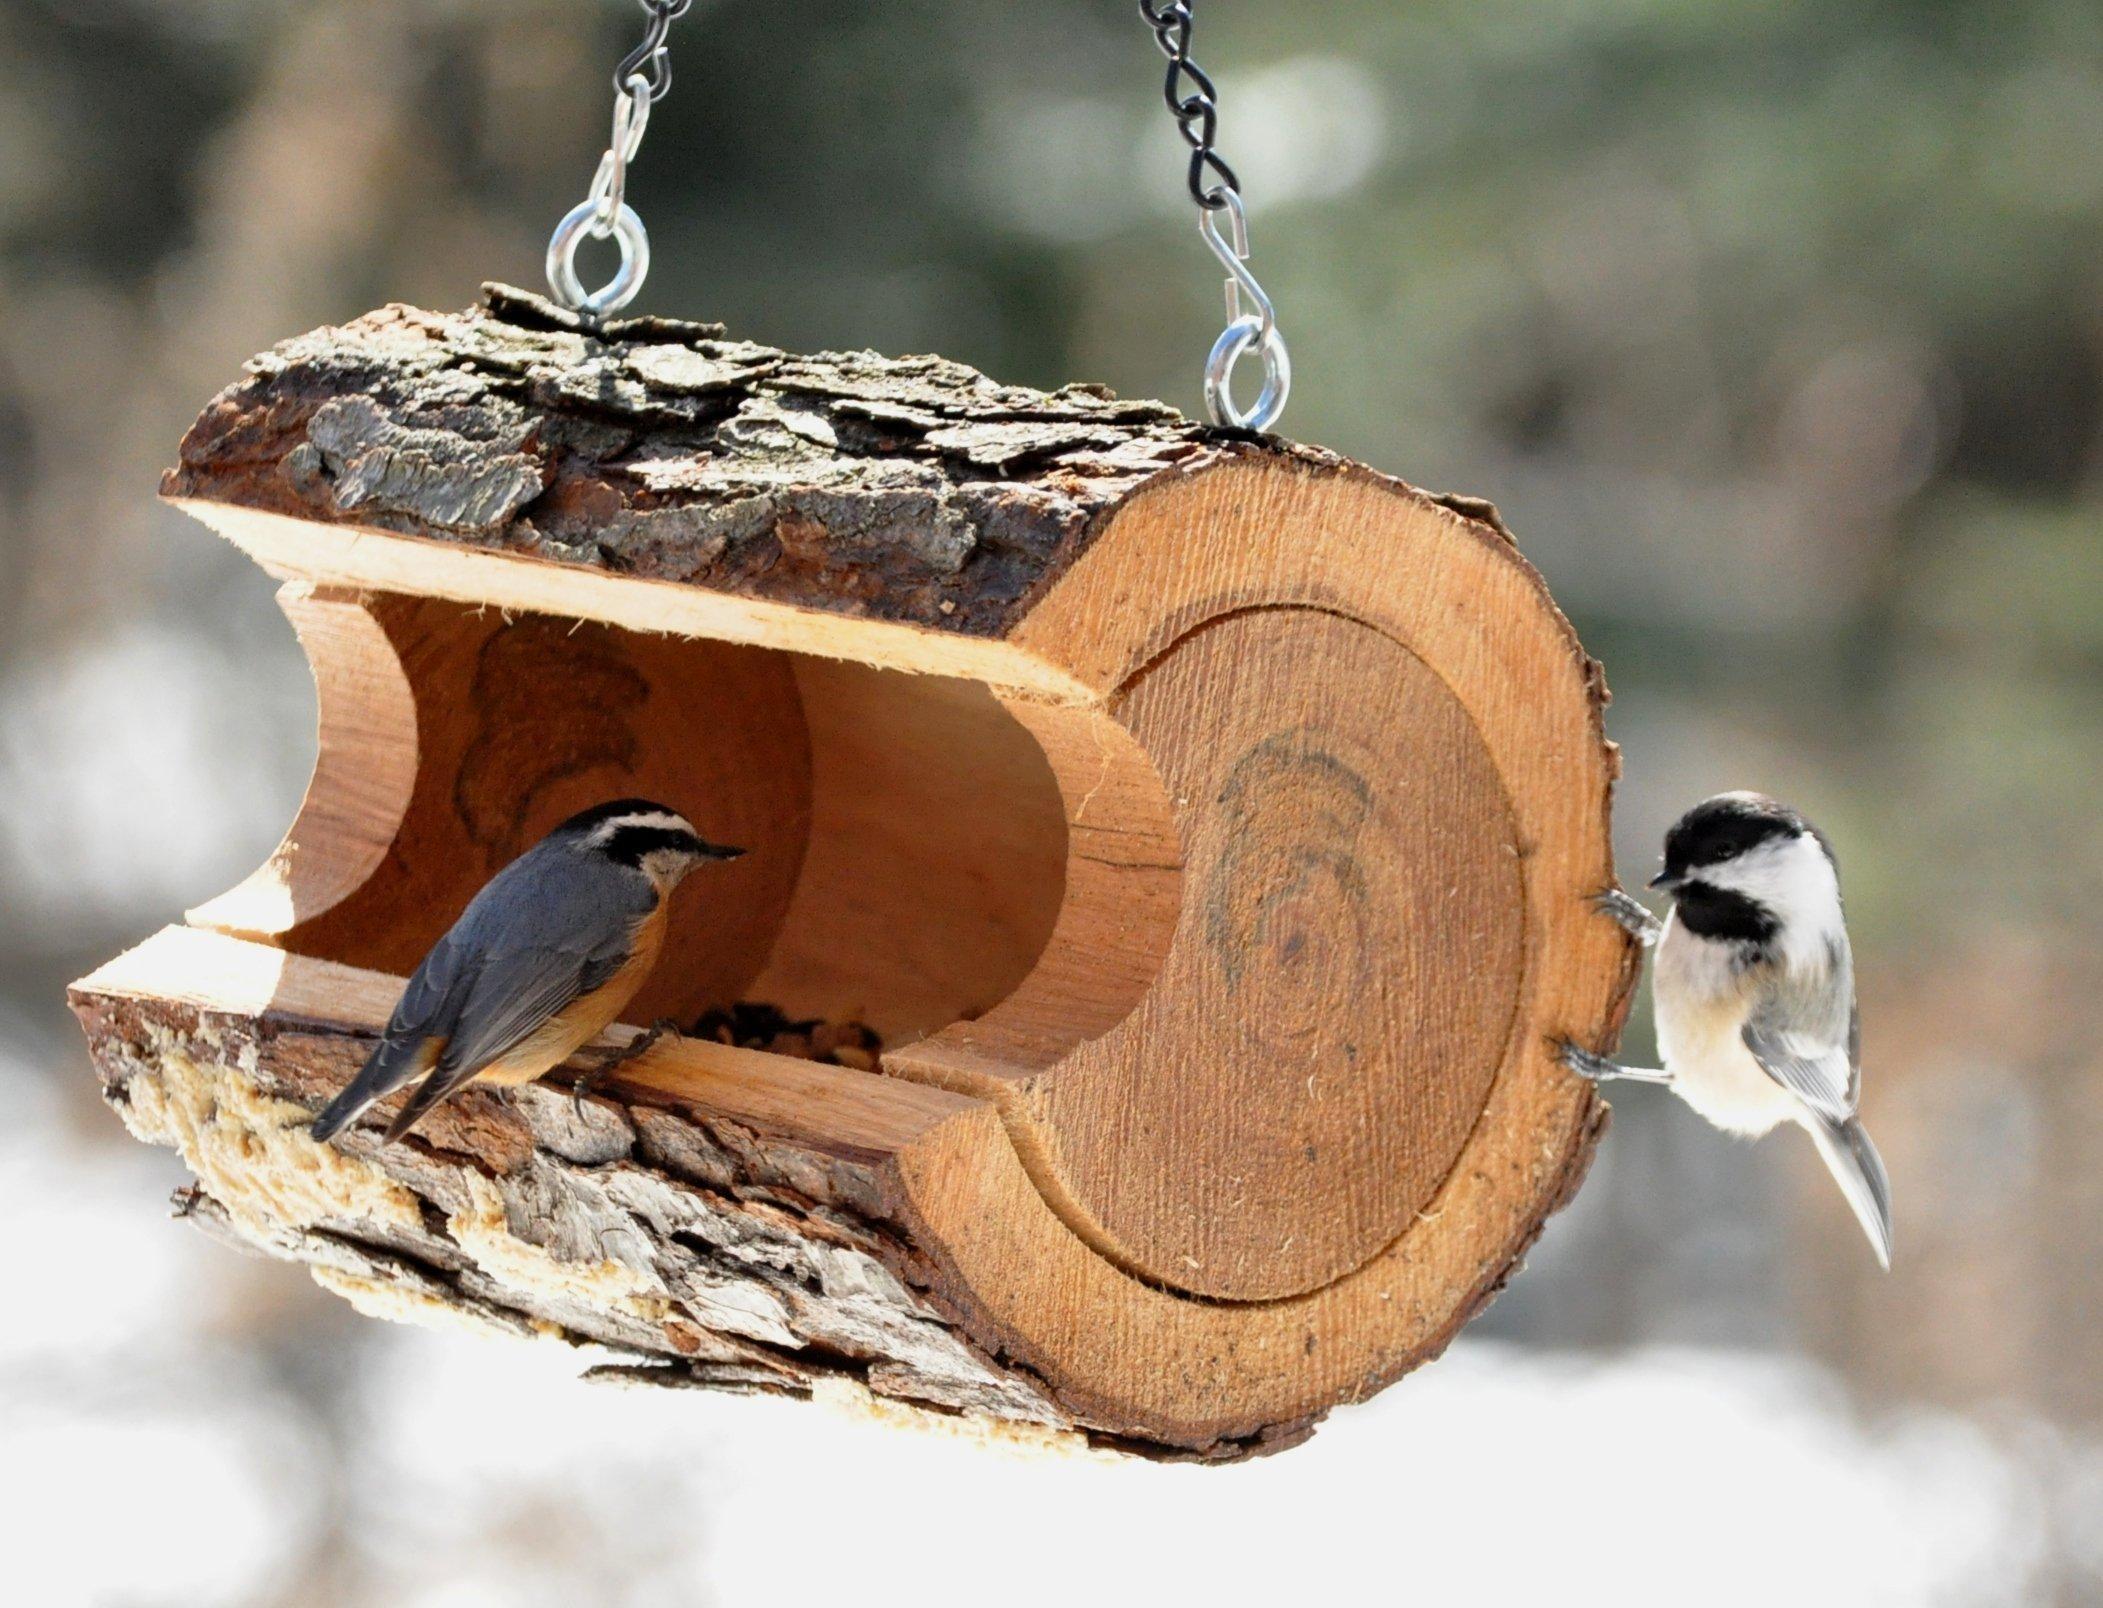 Мелкие птички – хорошие помощники в борьбе с насекомыми-вредителями